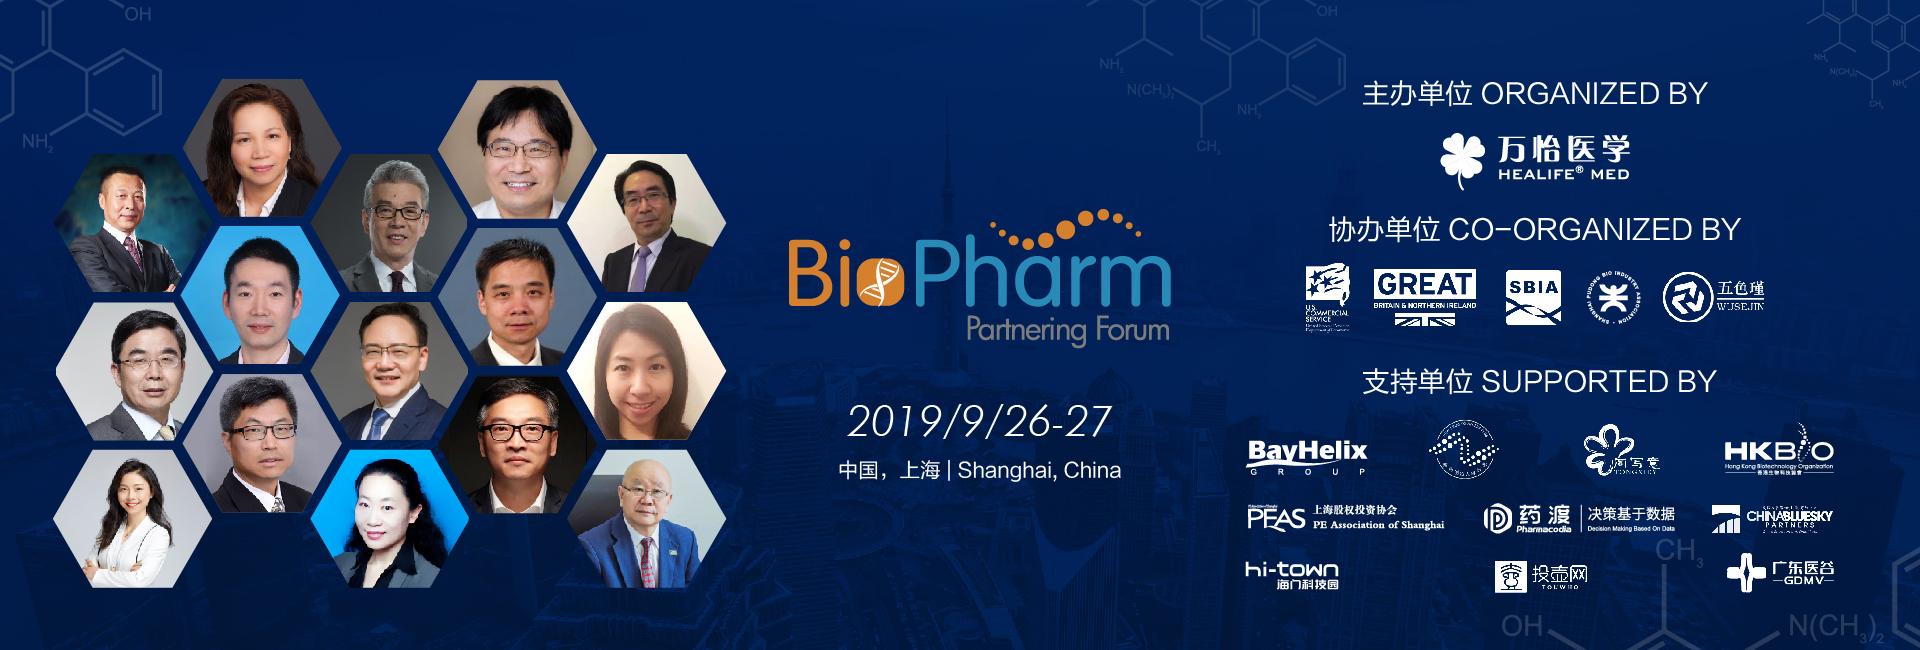 2019中国生物医药创新合作大会(BIO-PHARM2019)